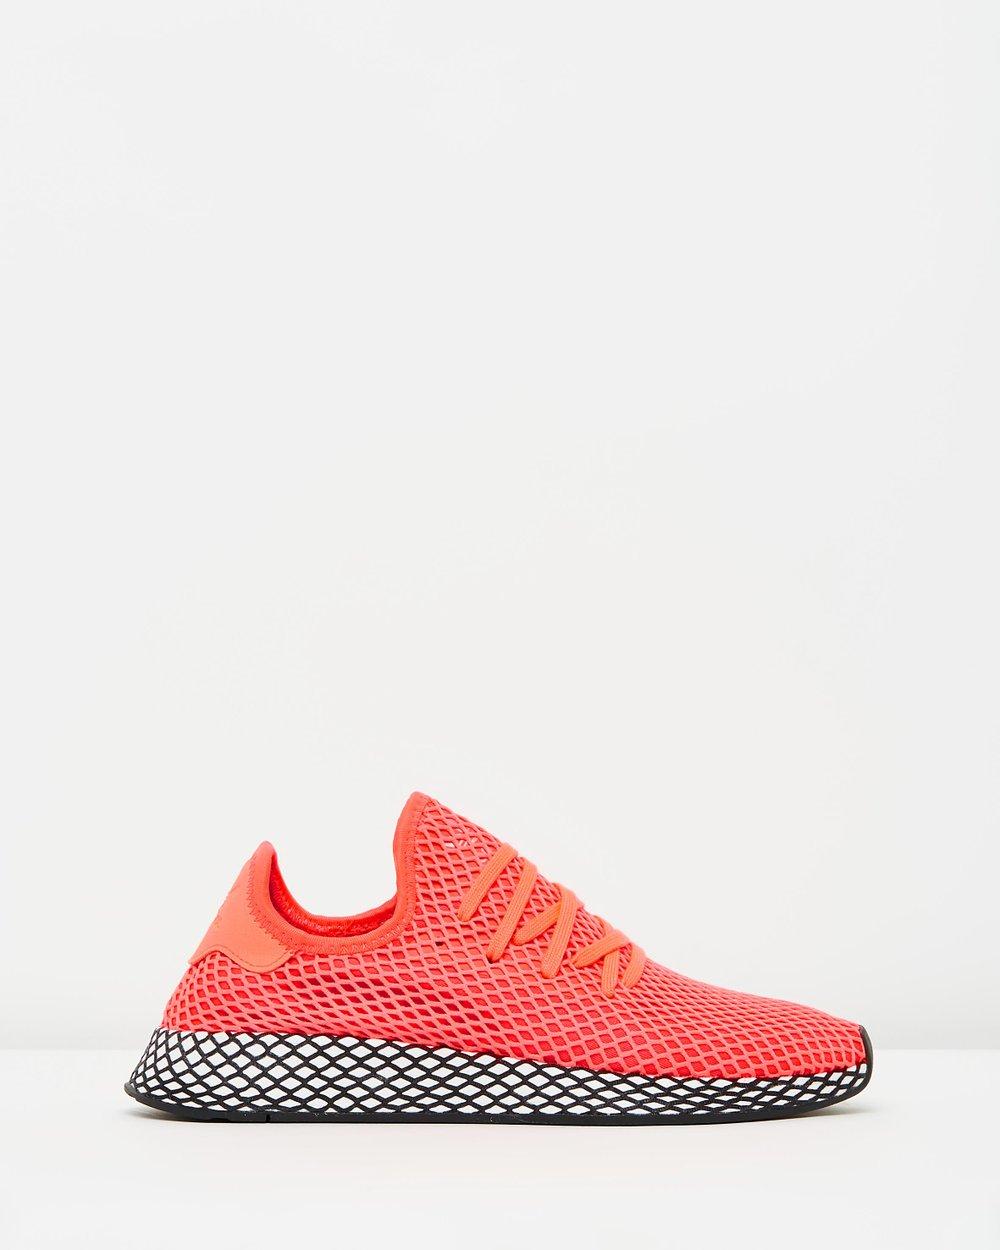 311a5fe53e75b Deerupt Runner Shoes - Unisex by adidas Originals Online